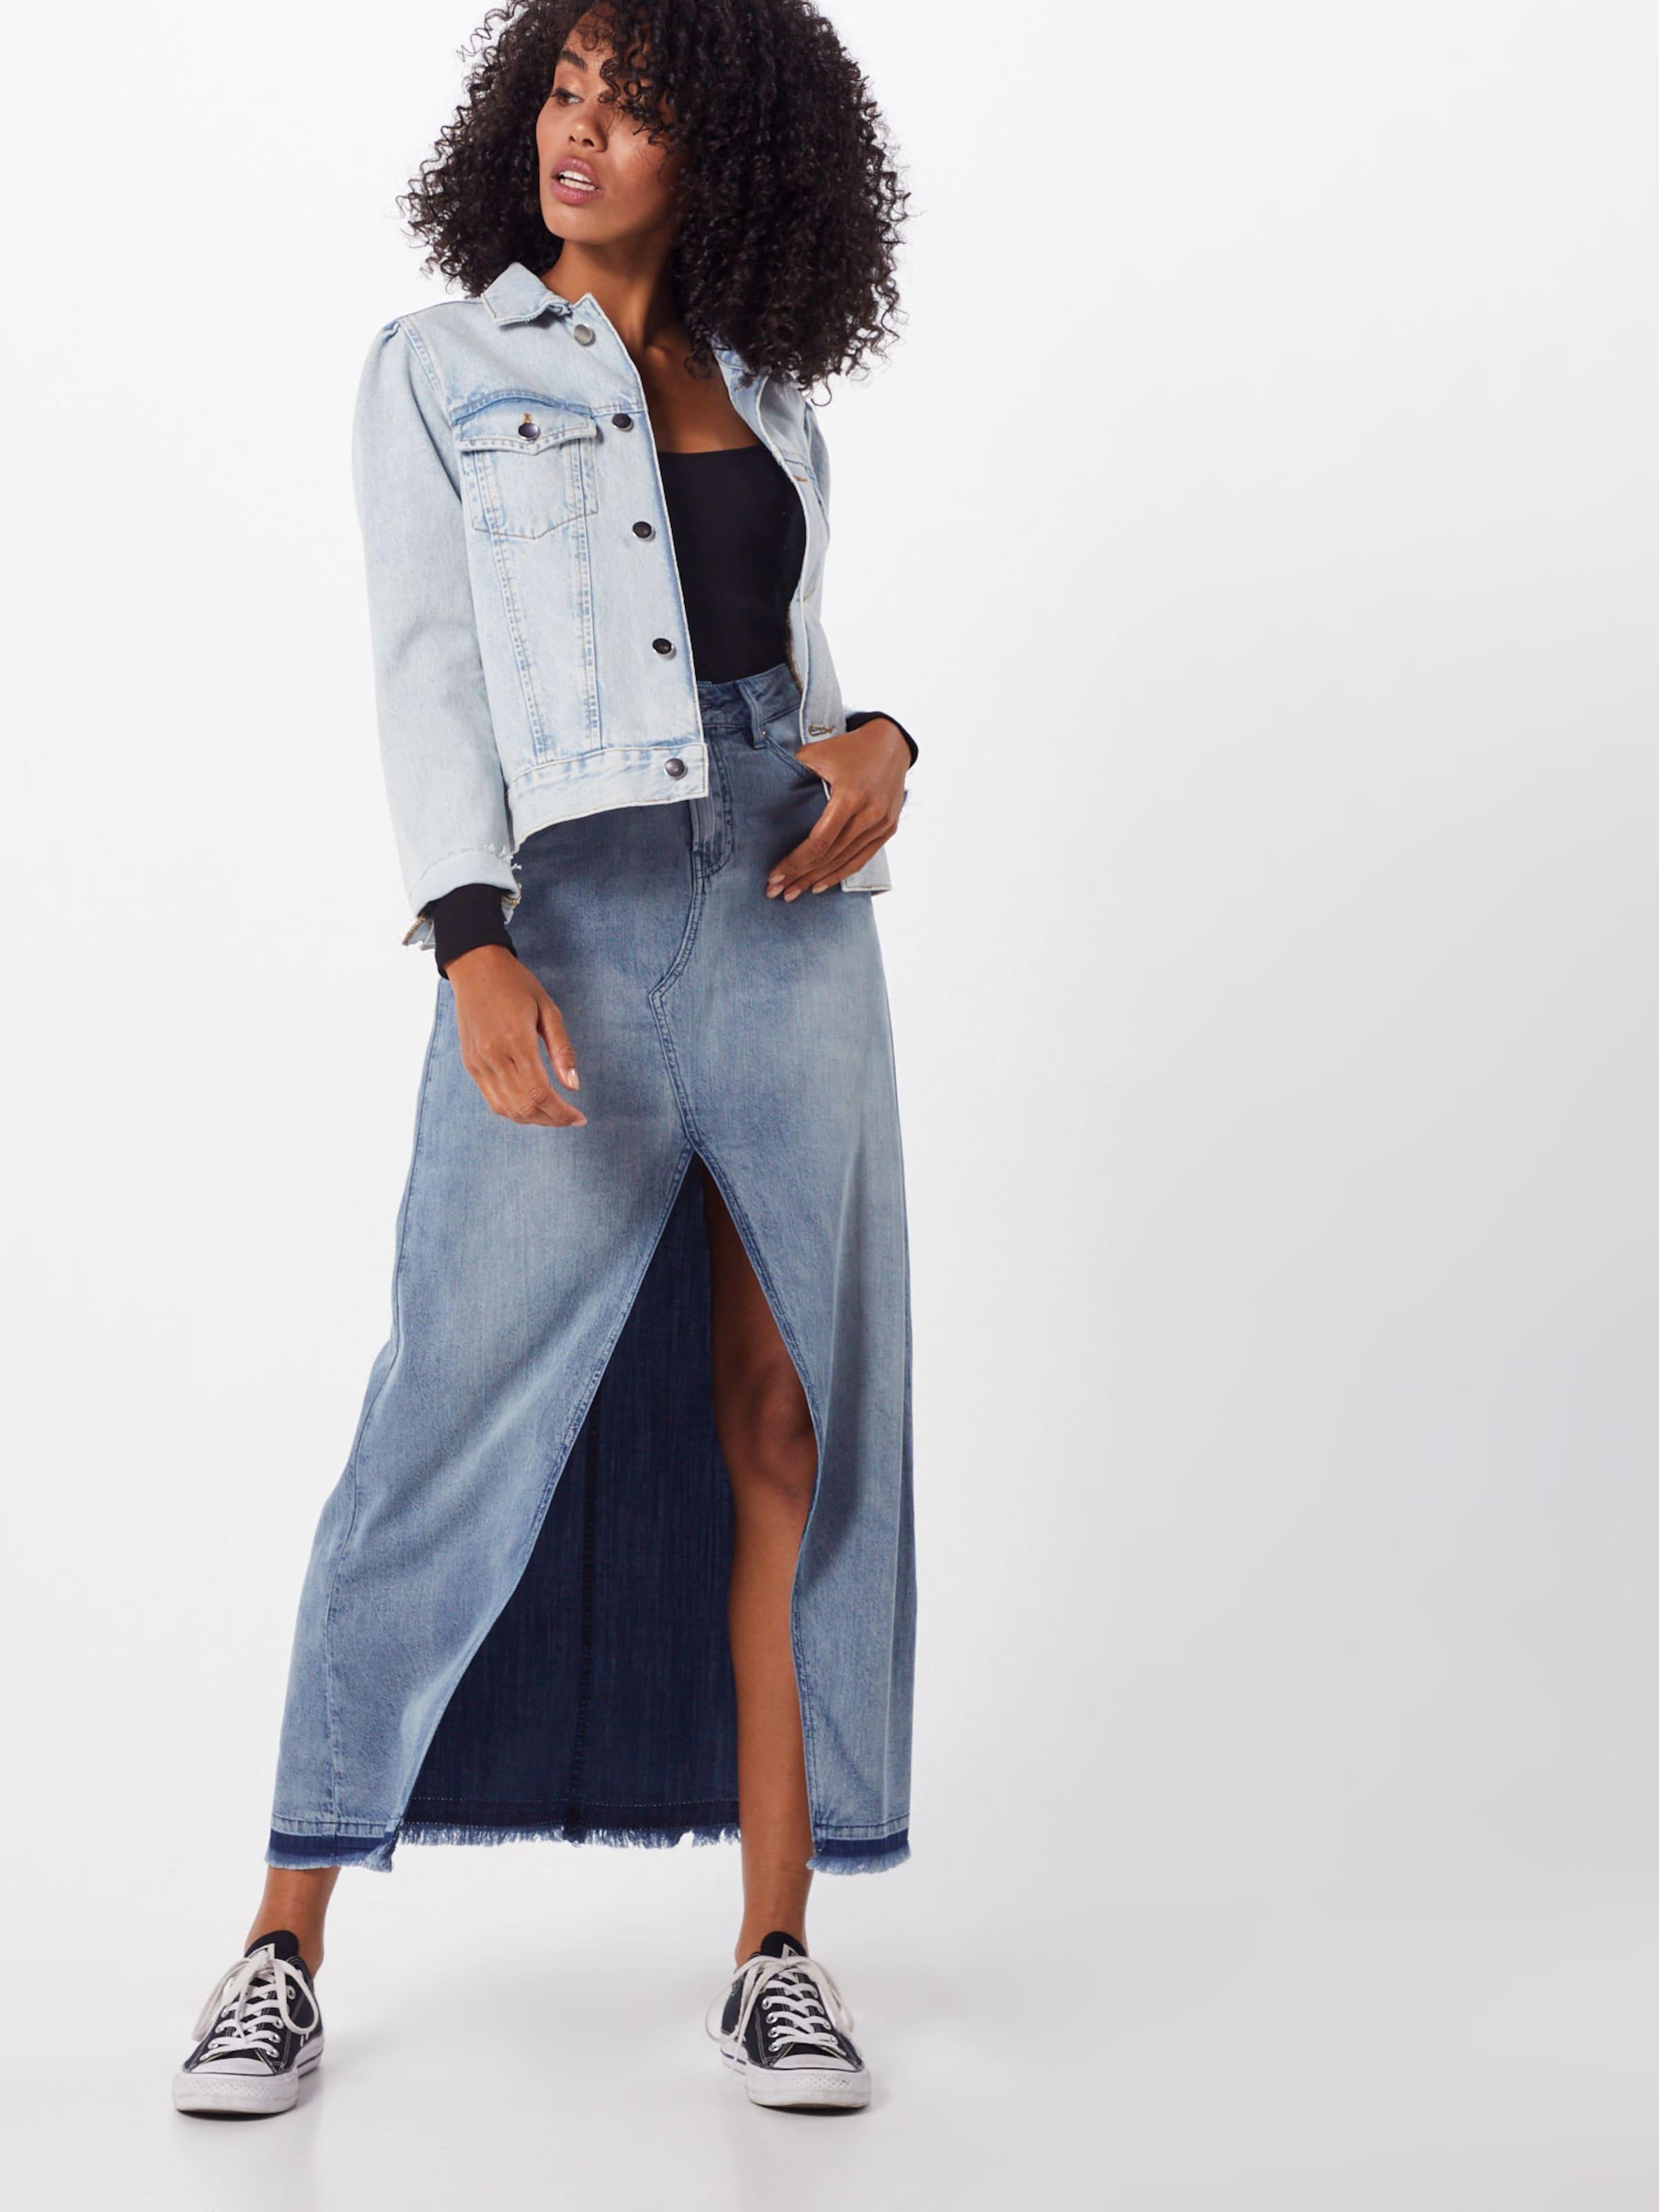 Denham Bleu Tiv' Jupe Denim 'festival Skirt En f6y7gb